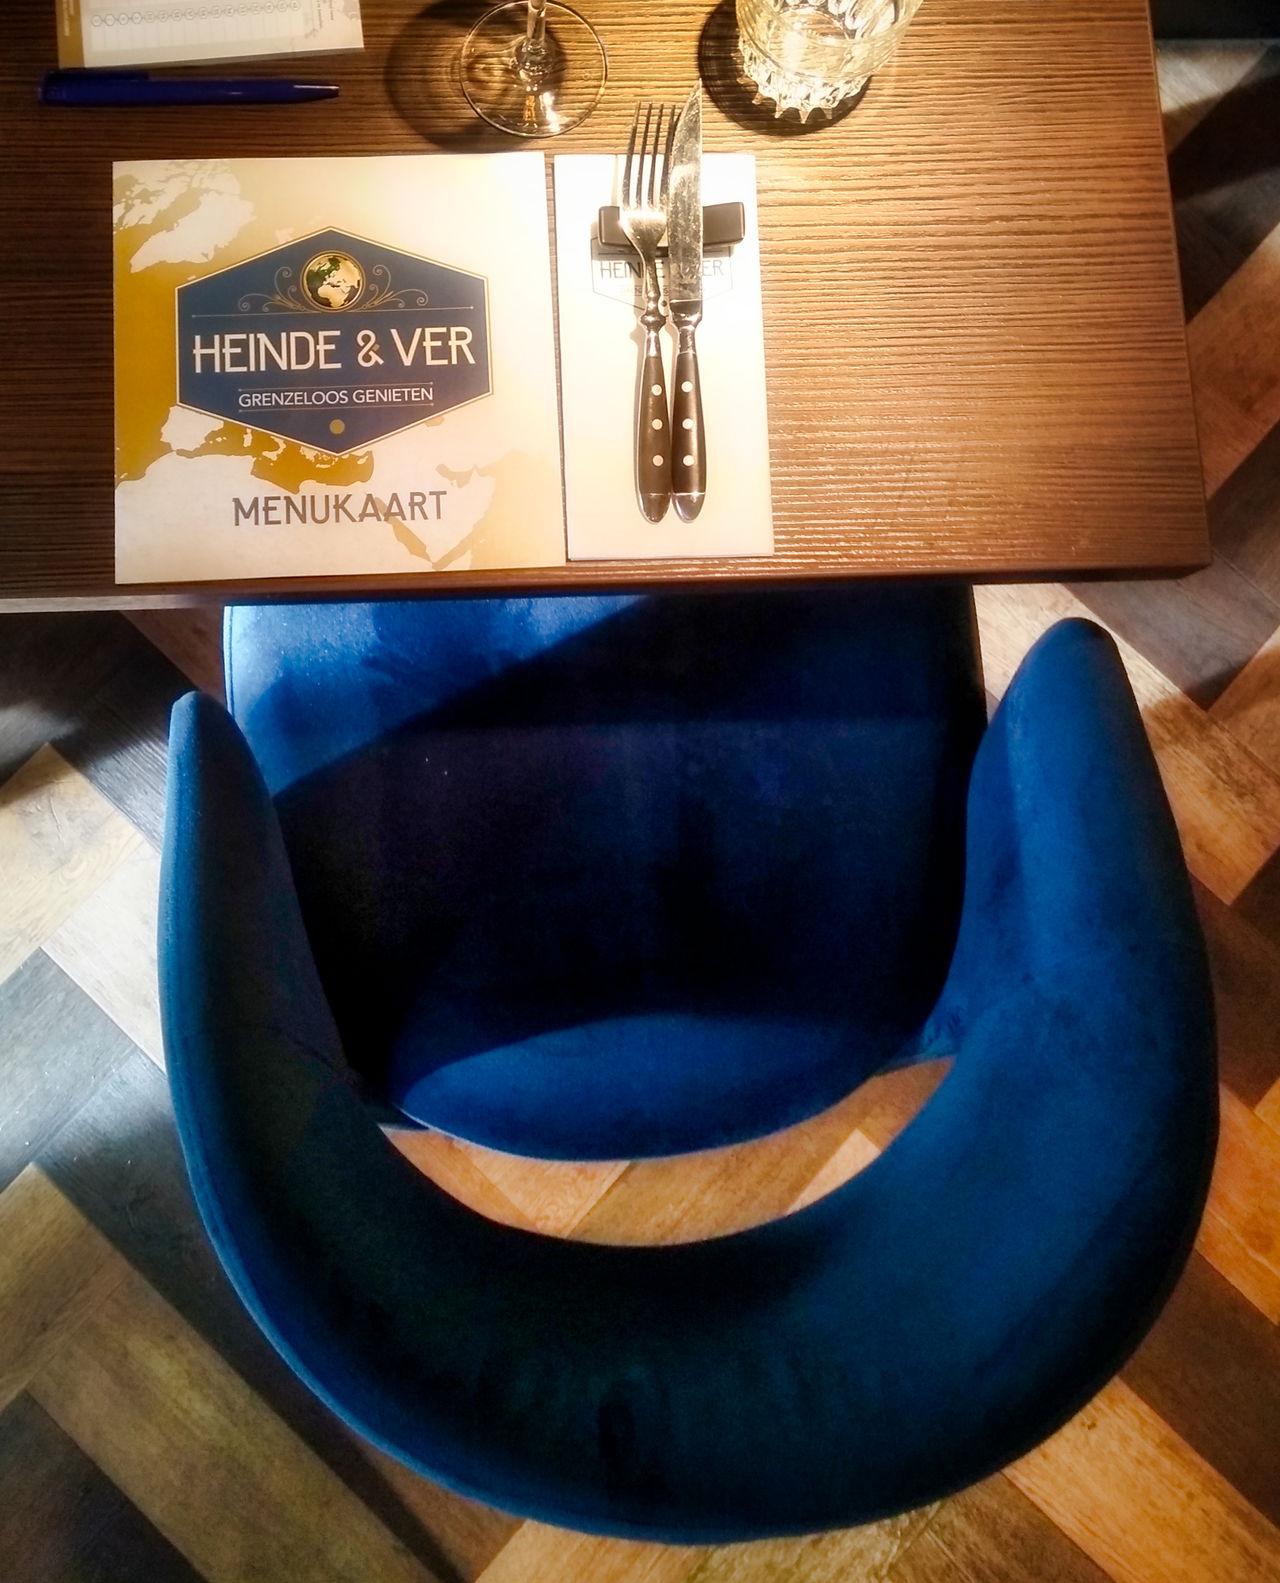 Restaurant Heinde Ver Den Bosch3